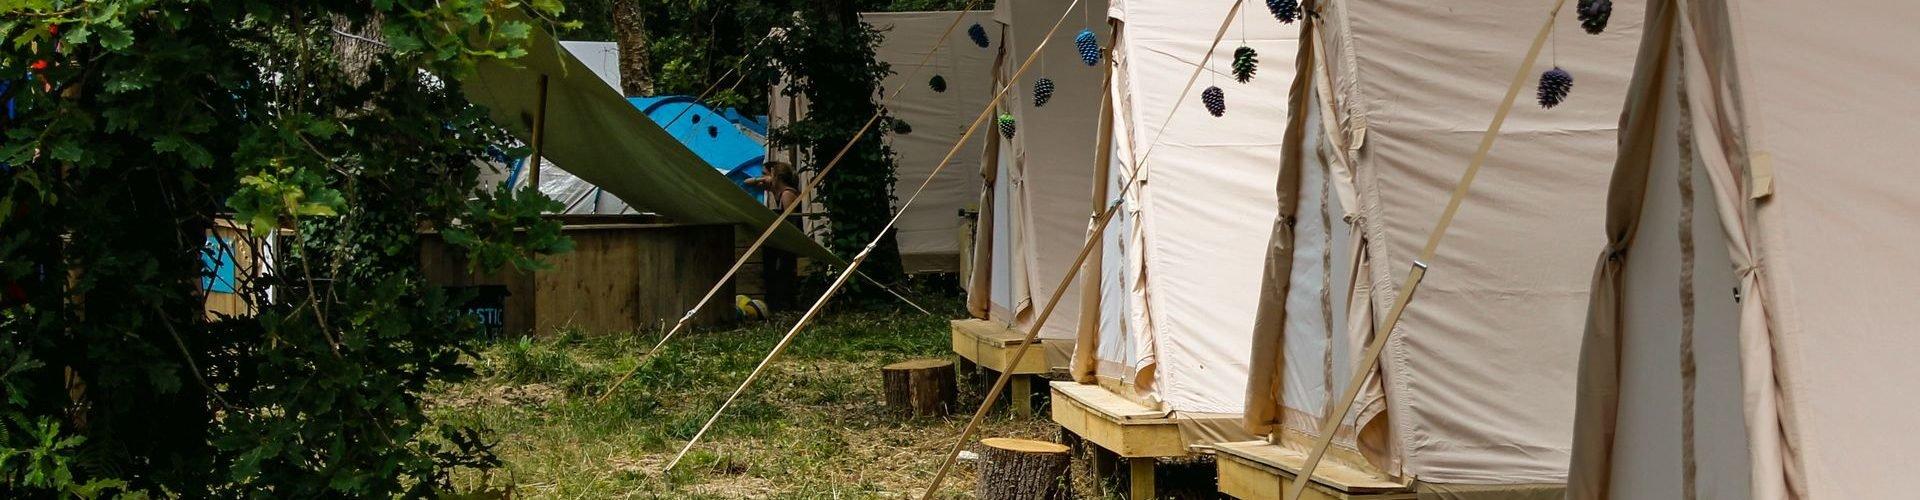 Komfortable glamping Zelte zur Verfügung